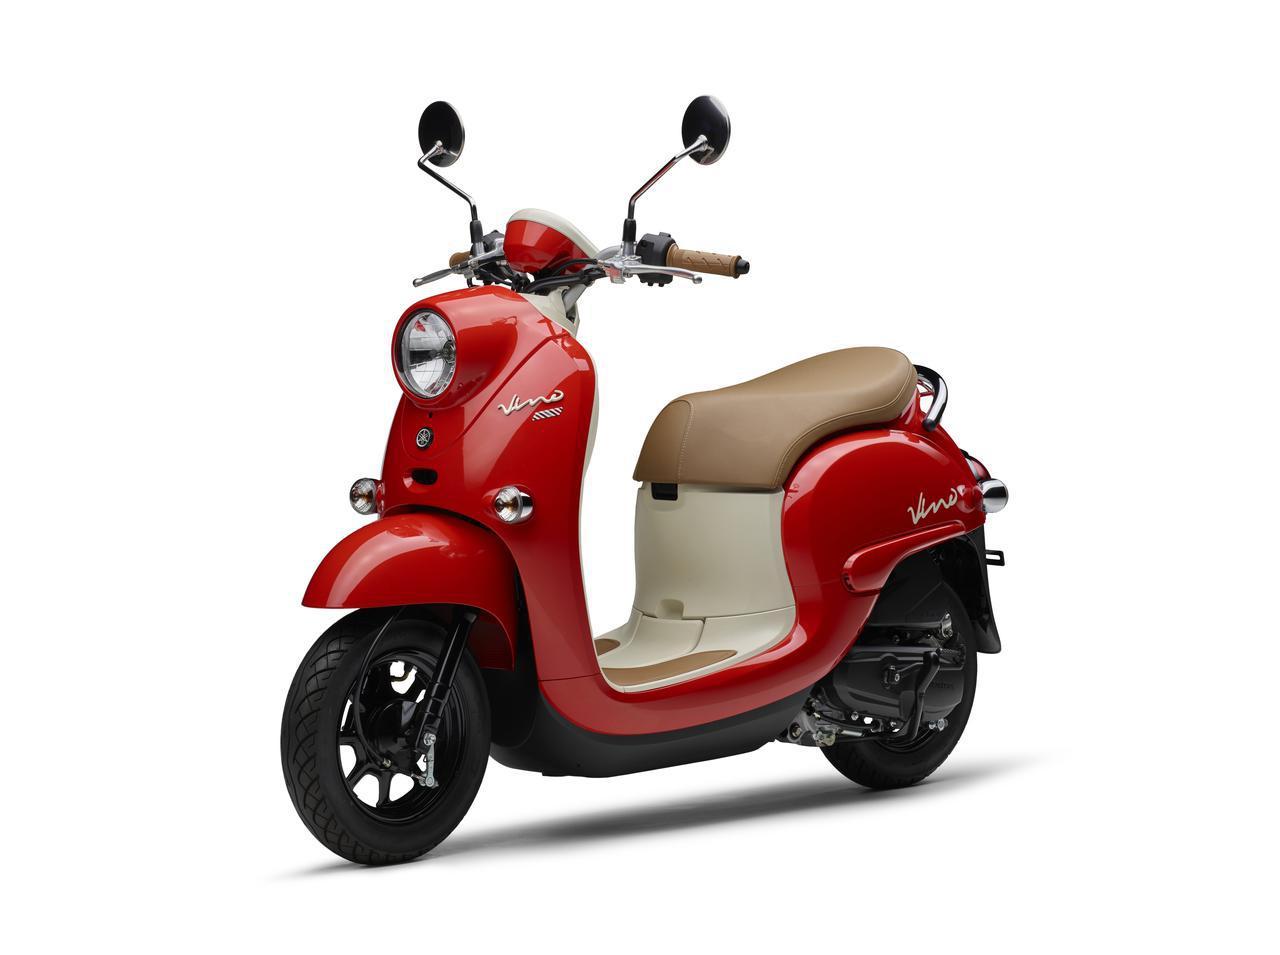 画像7: ヤマハが50ccスクーター「ビーノ」の2021年モデルを発表! ニューカラーは4色、合計6色の設定で発売